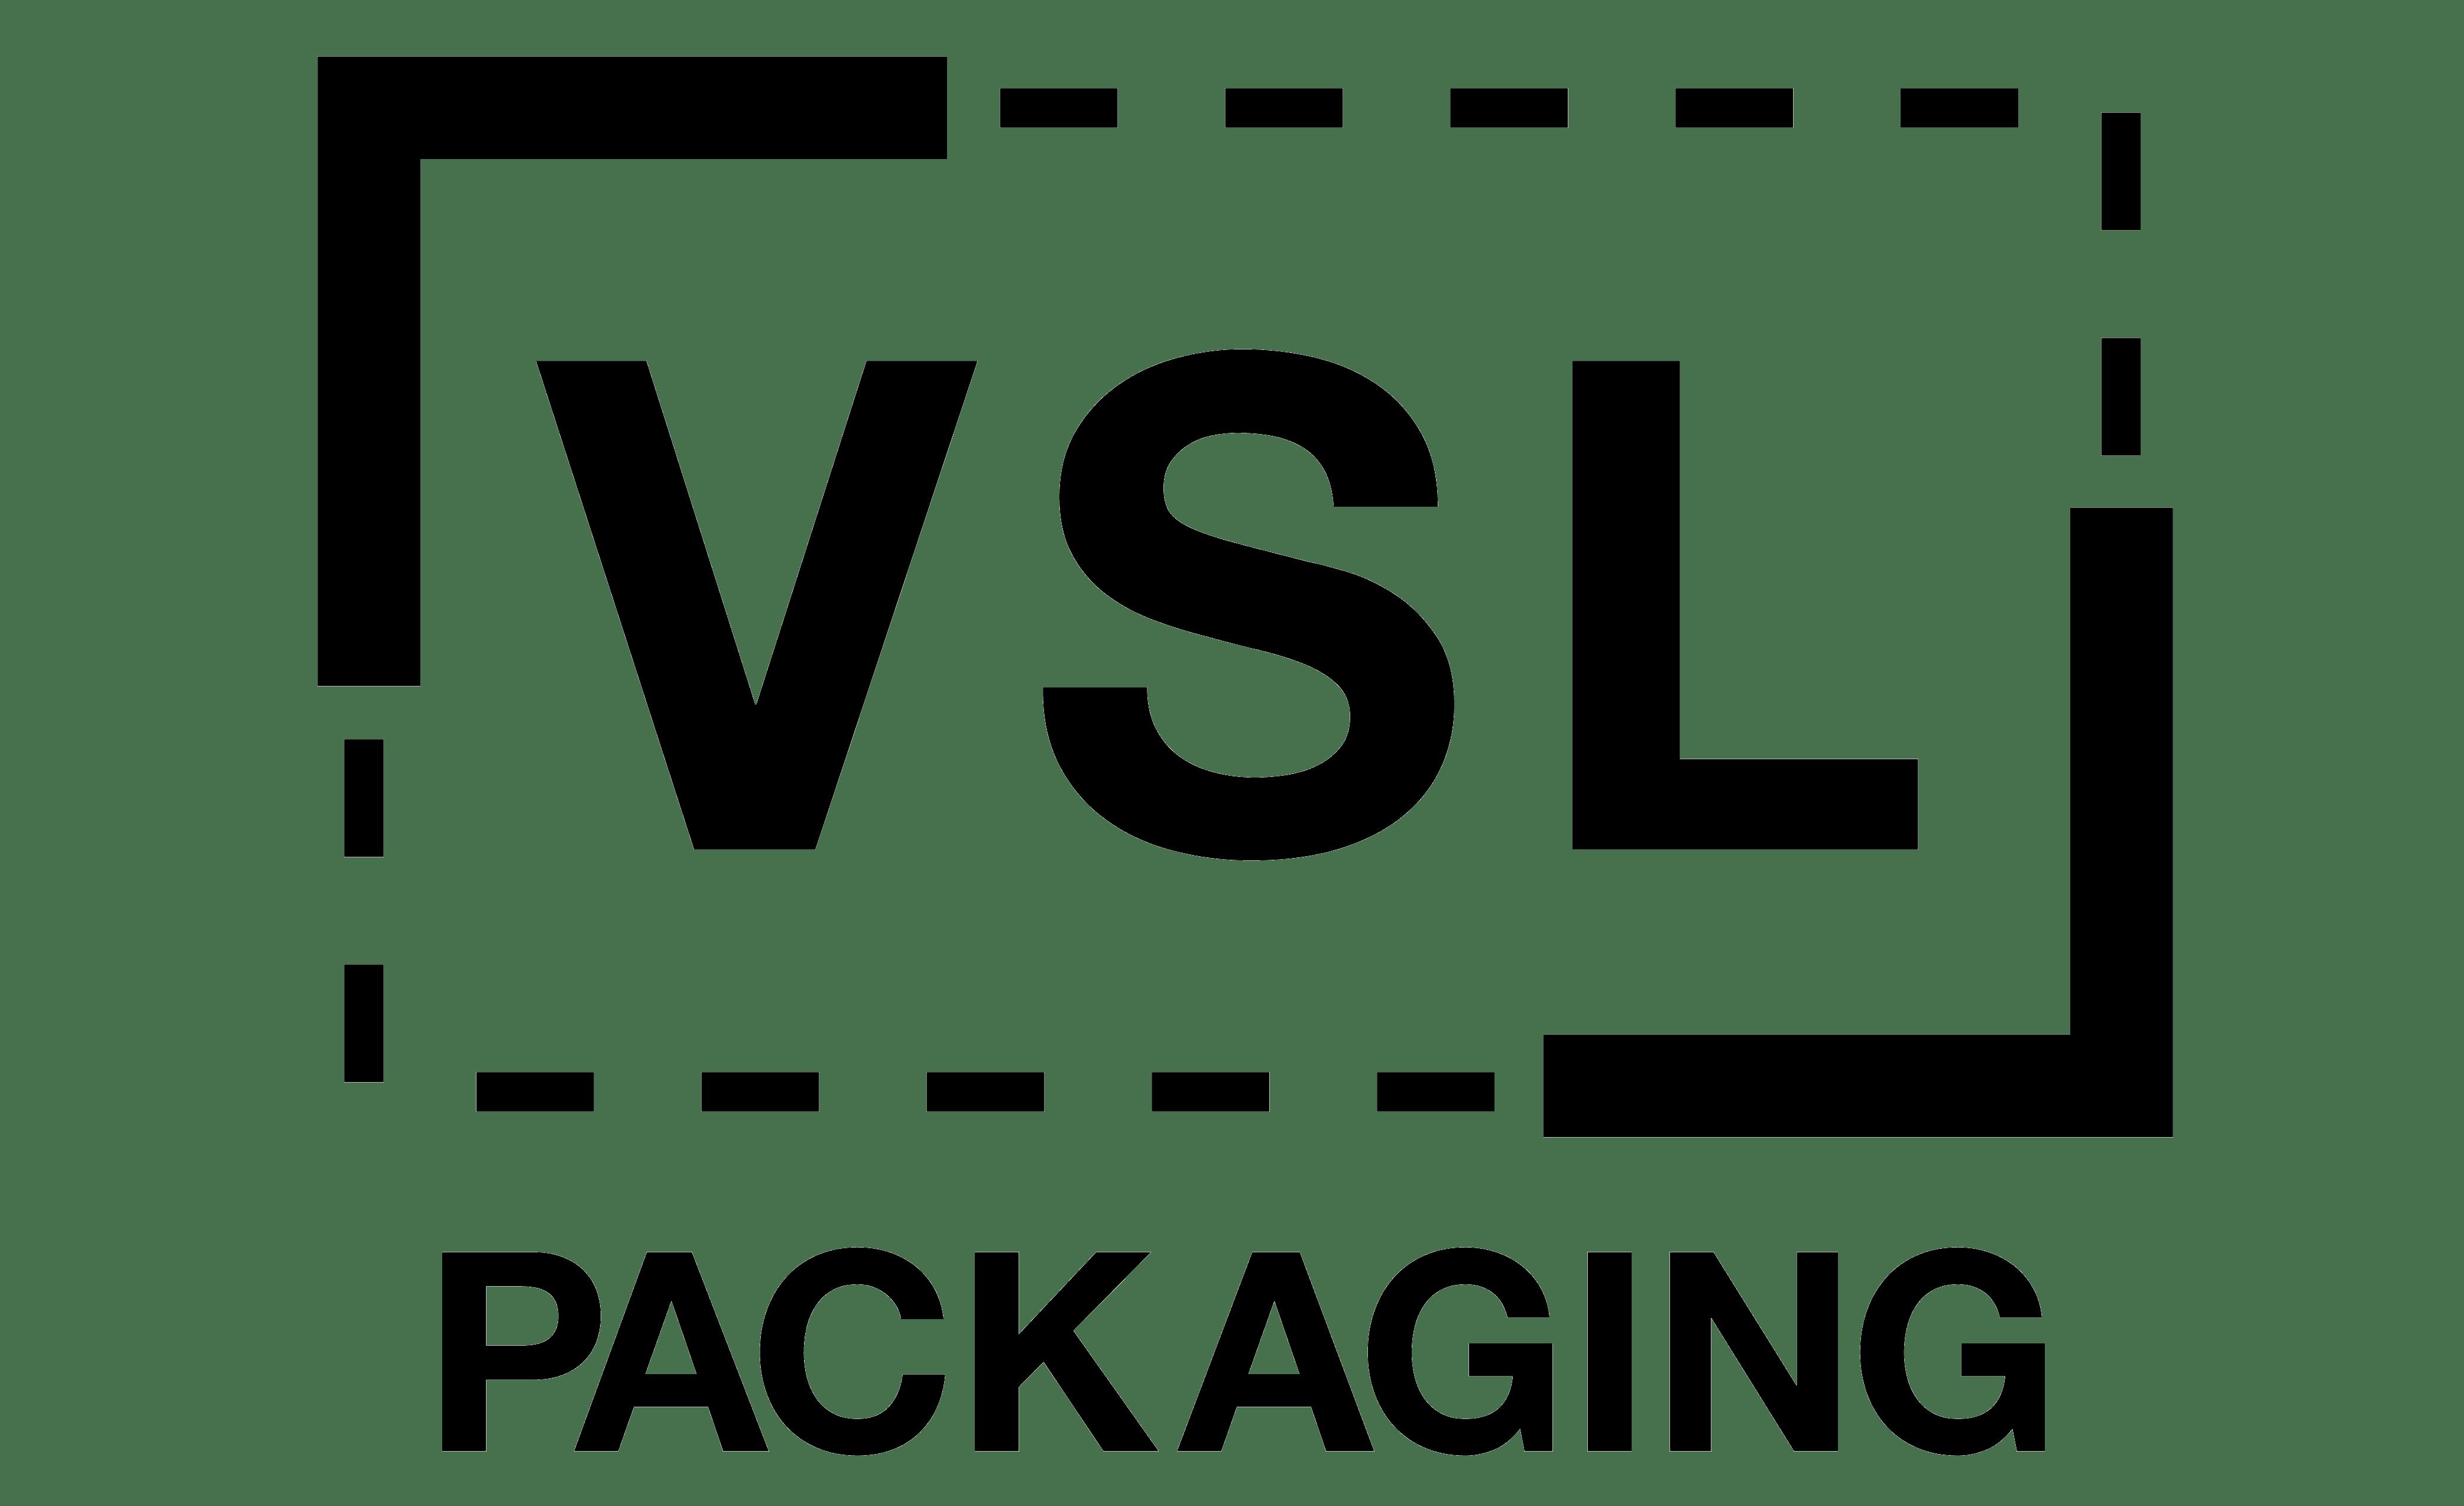 VSL-Packaging-logo-transparent